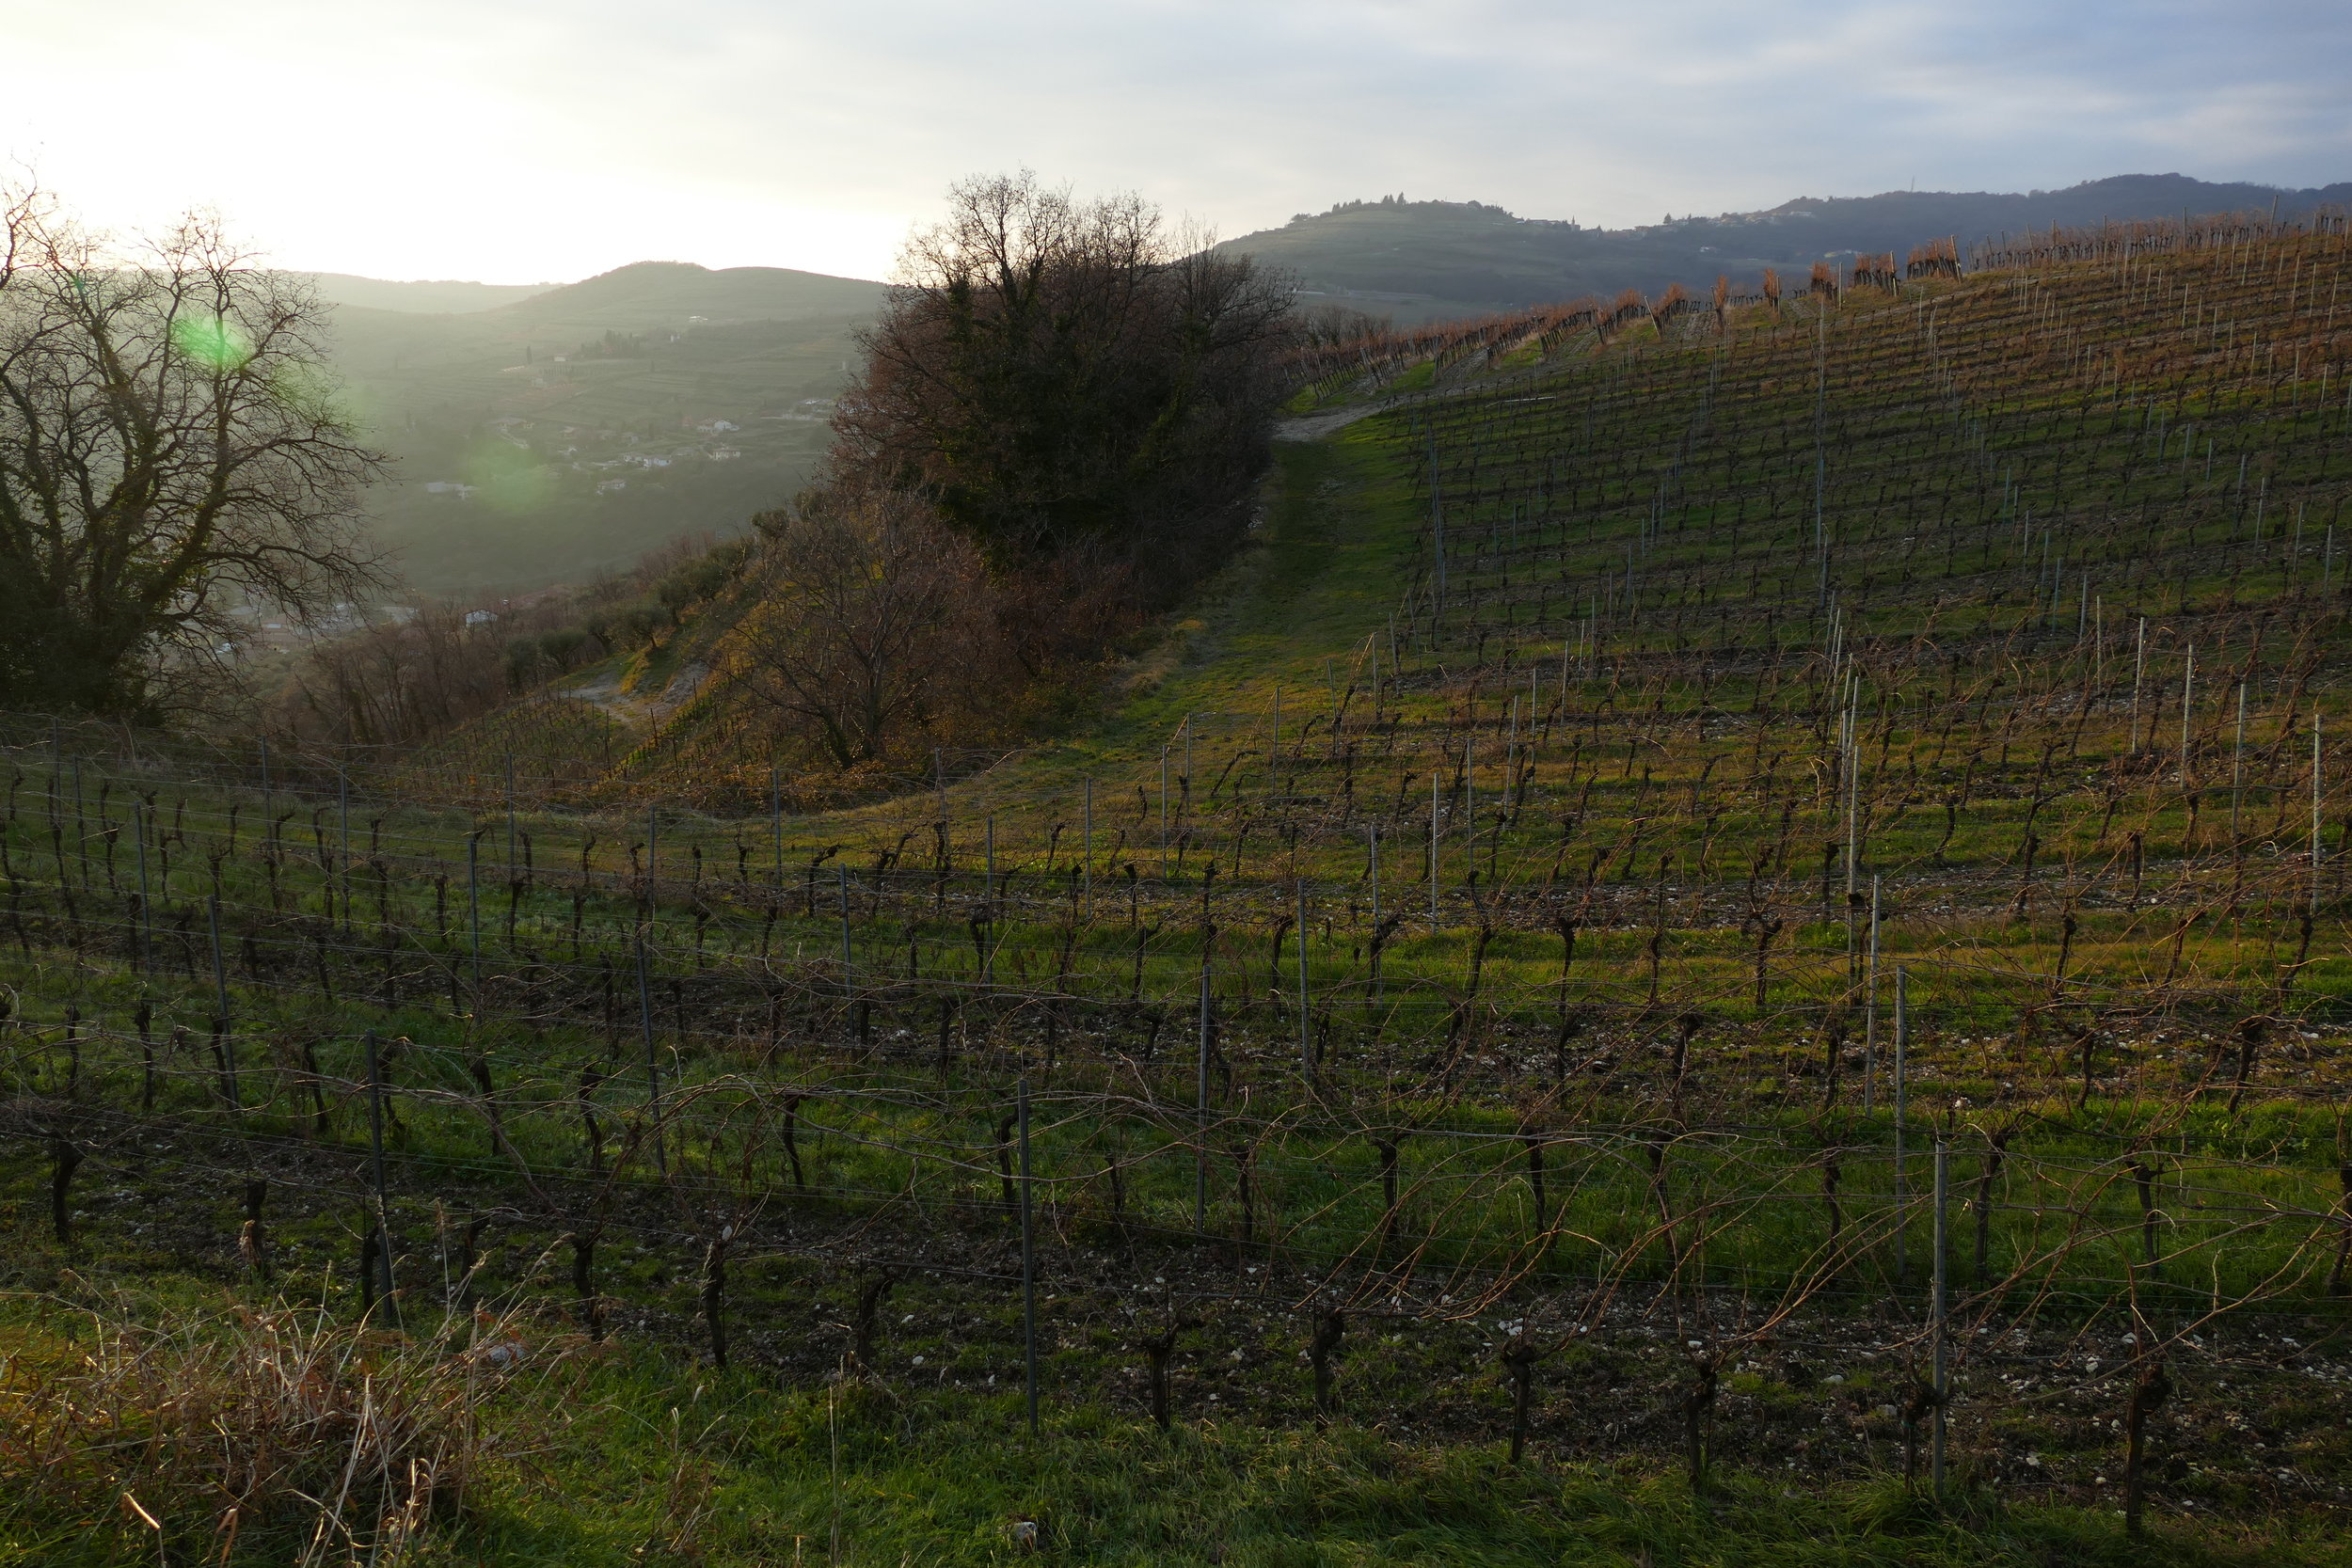 Azienda Agricola Corte Sant'Alda, high in the hills of Valpolicella